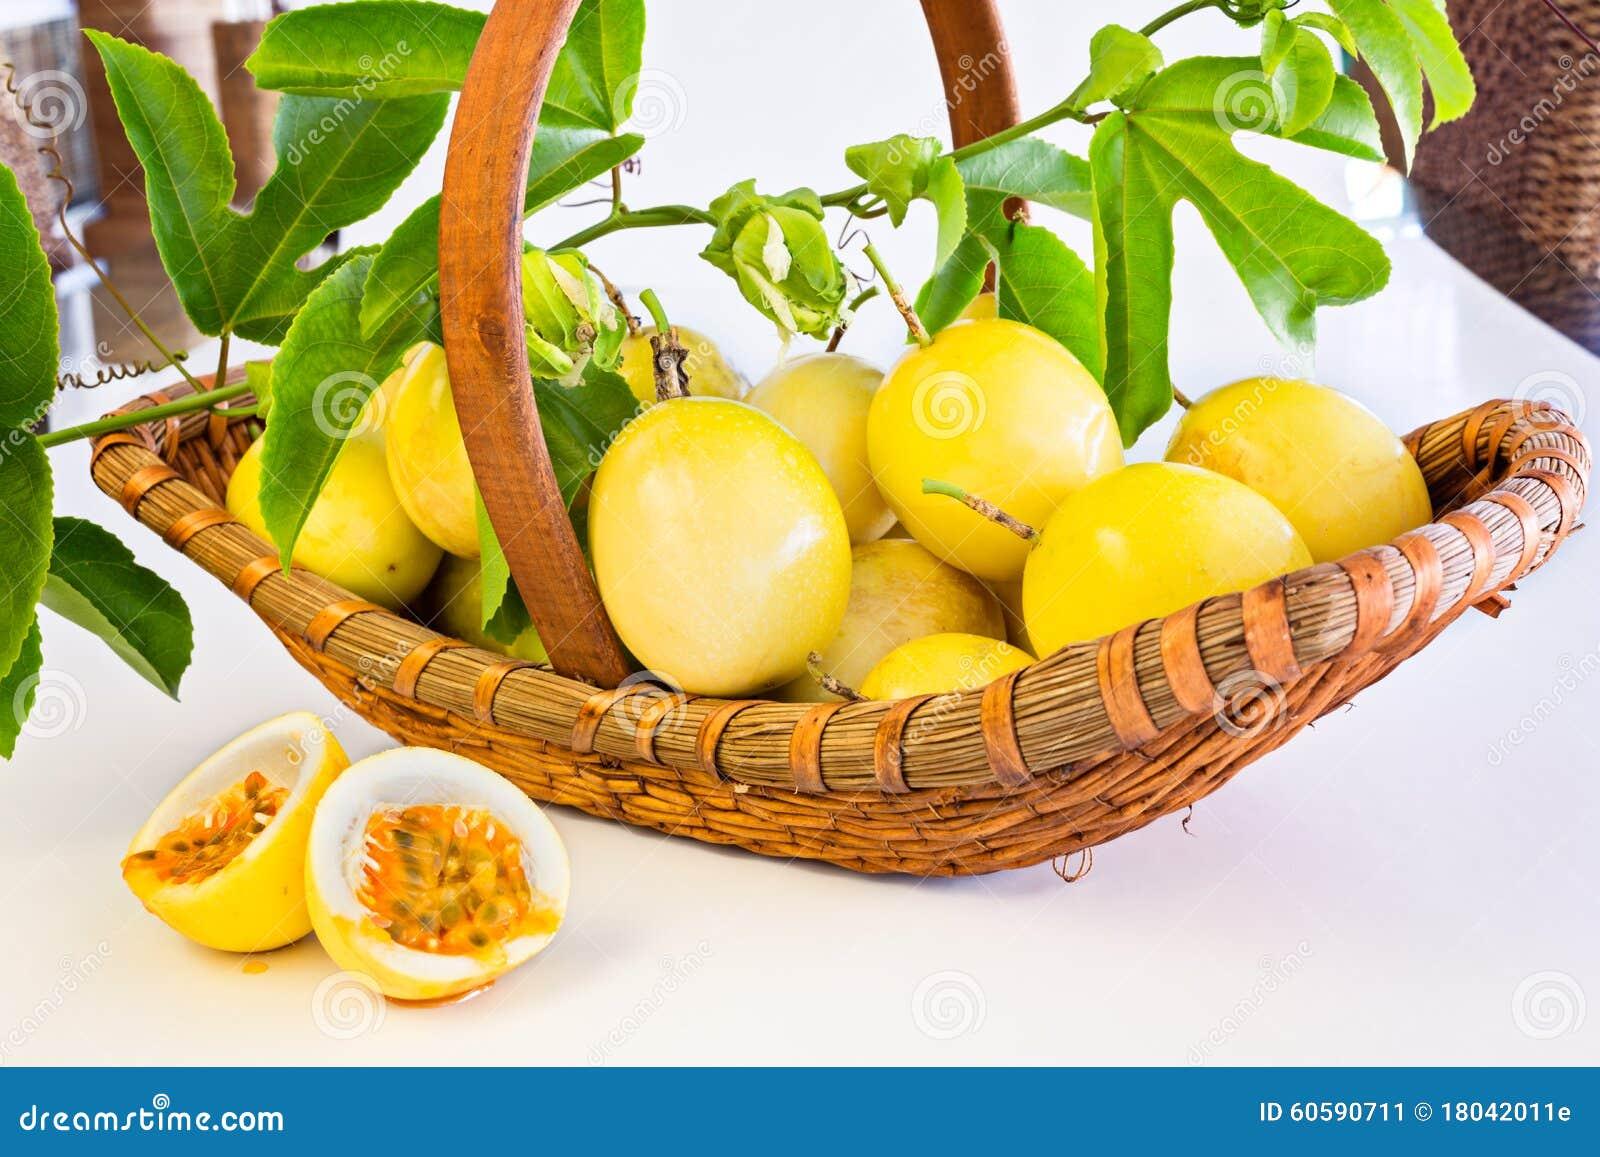 Cesta de fruta de la pasión en el fondo blanco